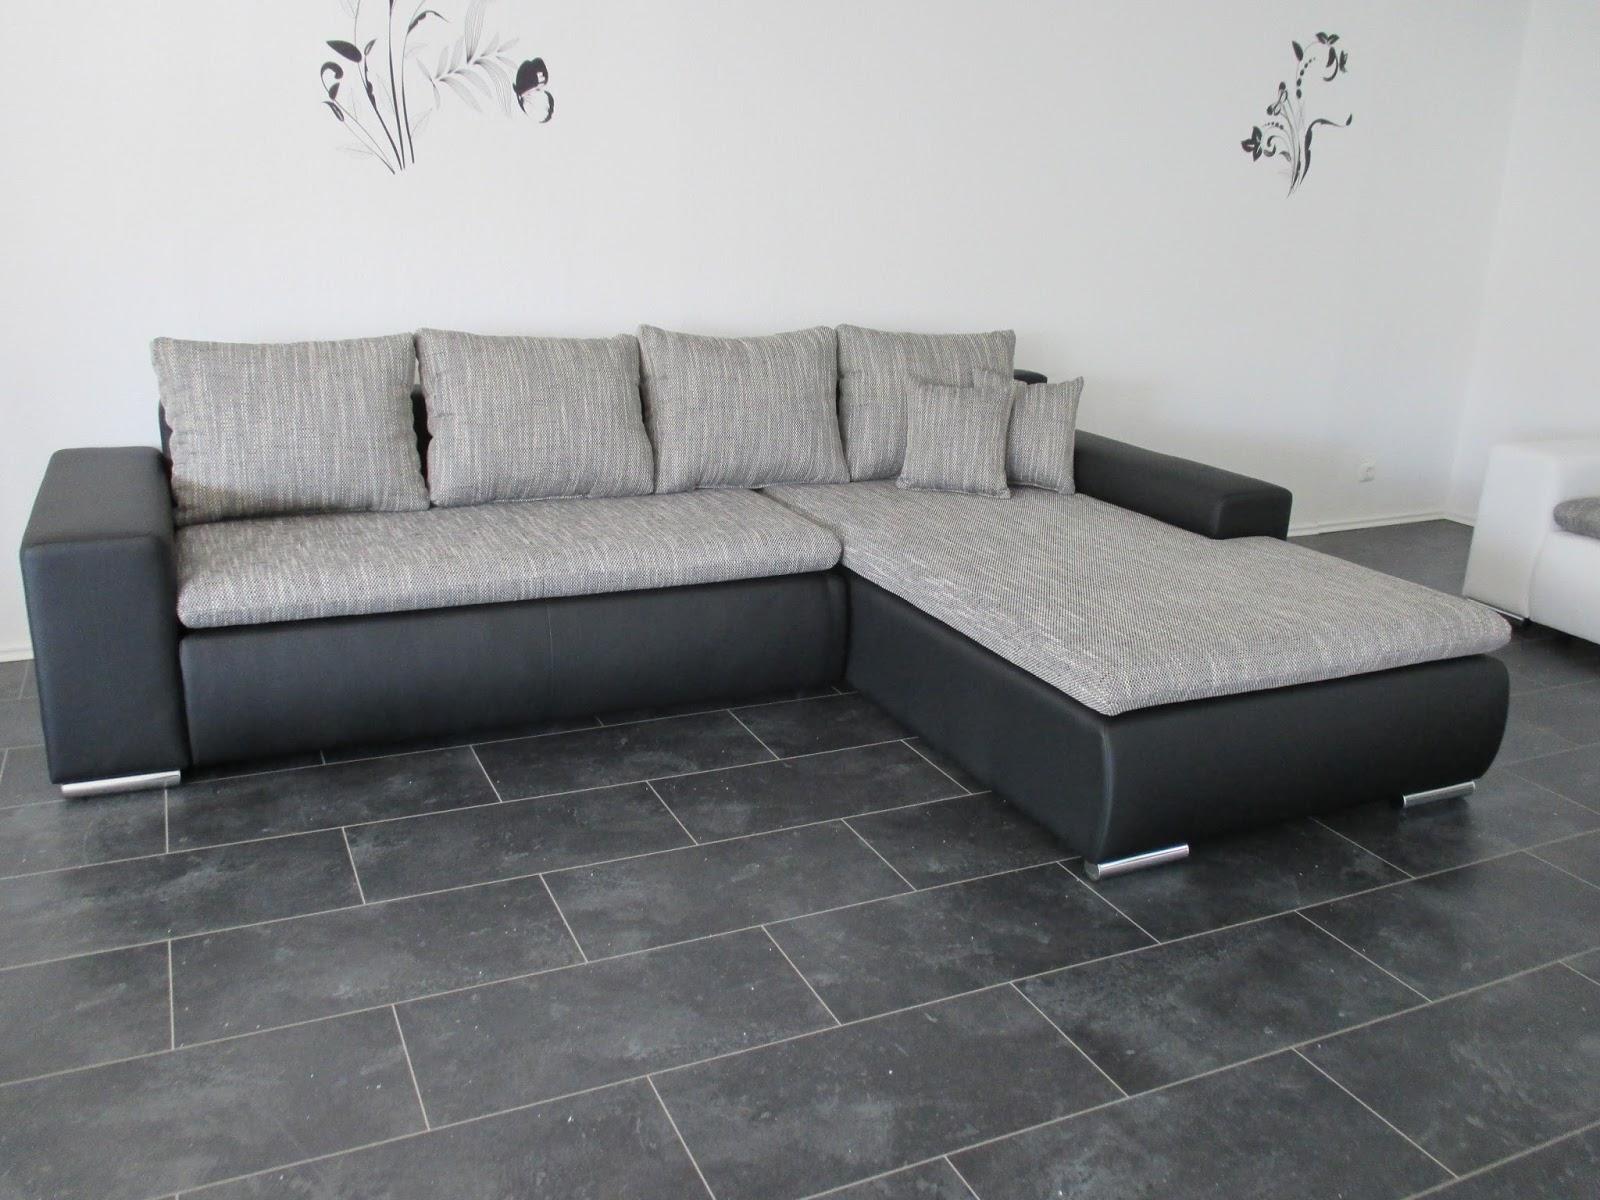 www.xl-sofa.de: POLSTER-OUTLET LAGERVERKAUF RINGSTR. 8 - 57578 ...